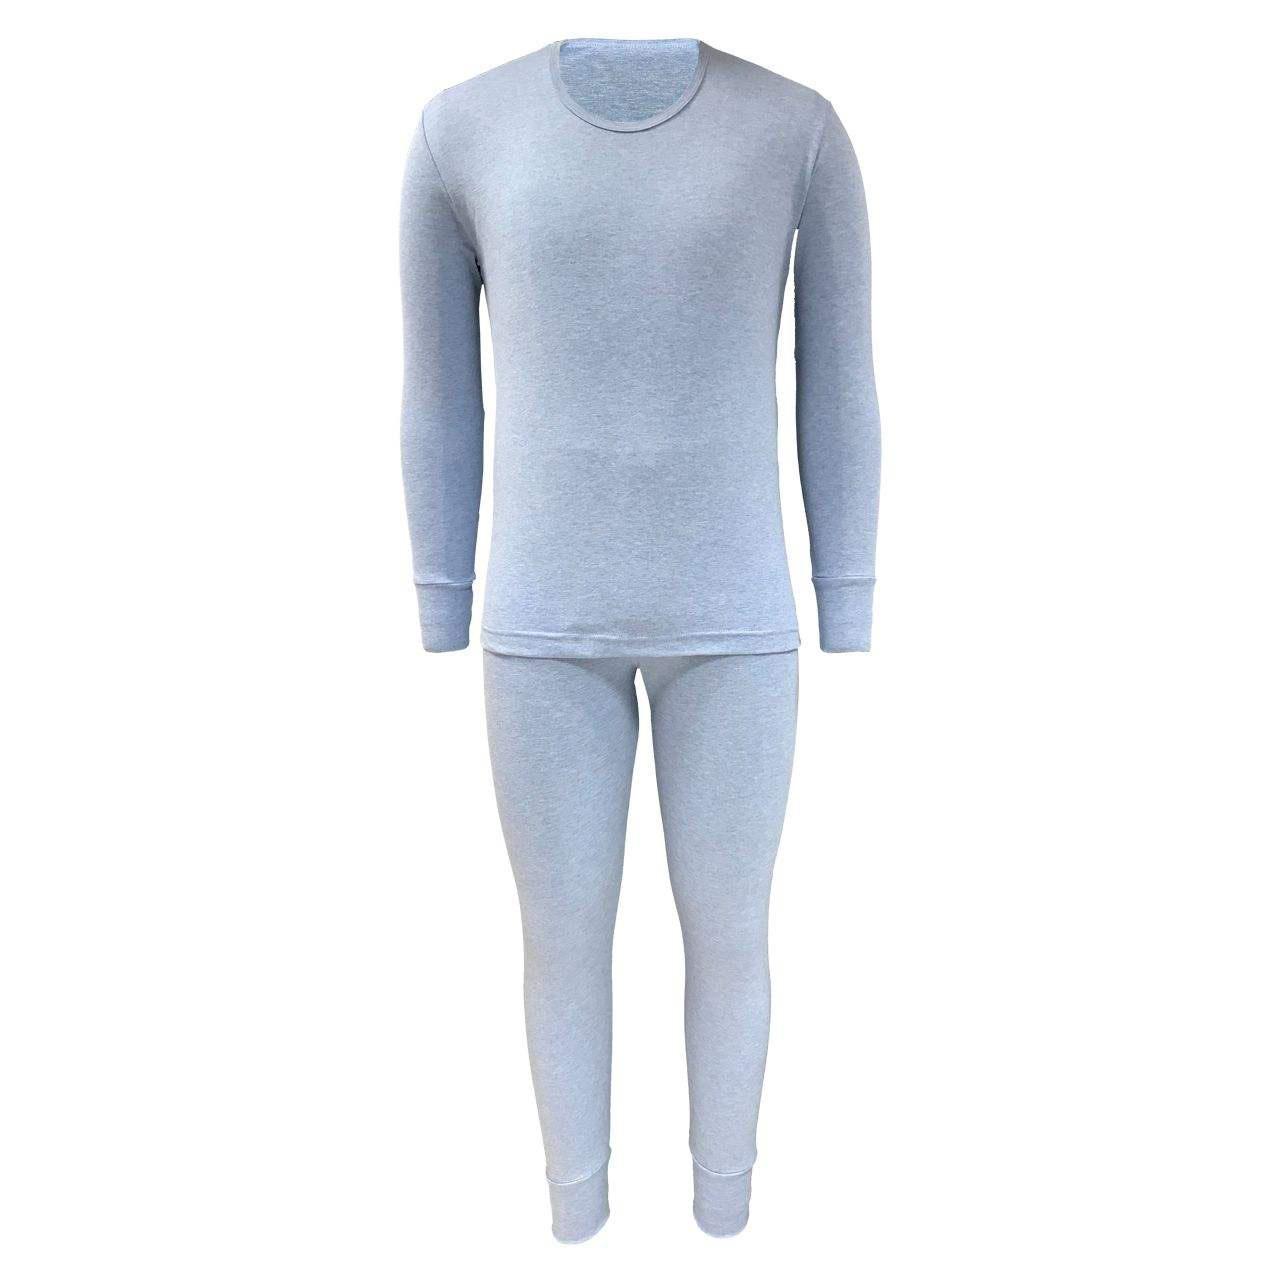 ست تی شرت و شلوار مردانه مدل 1700